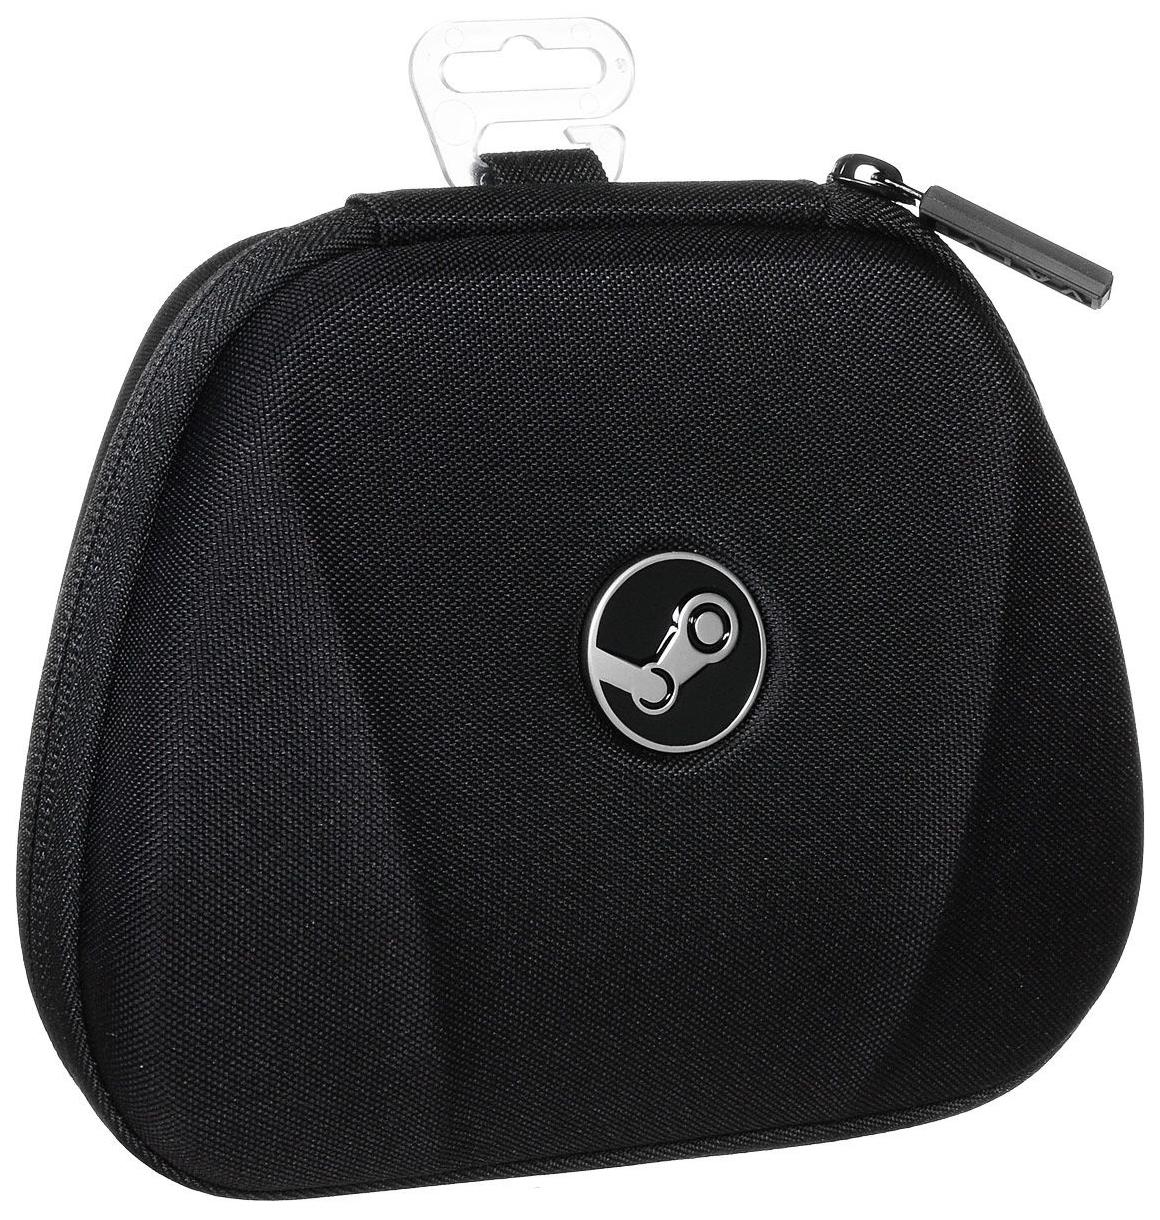 Защитный чехол Valve Steam Controller Carrying Case